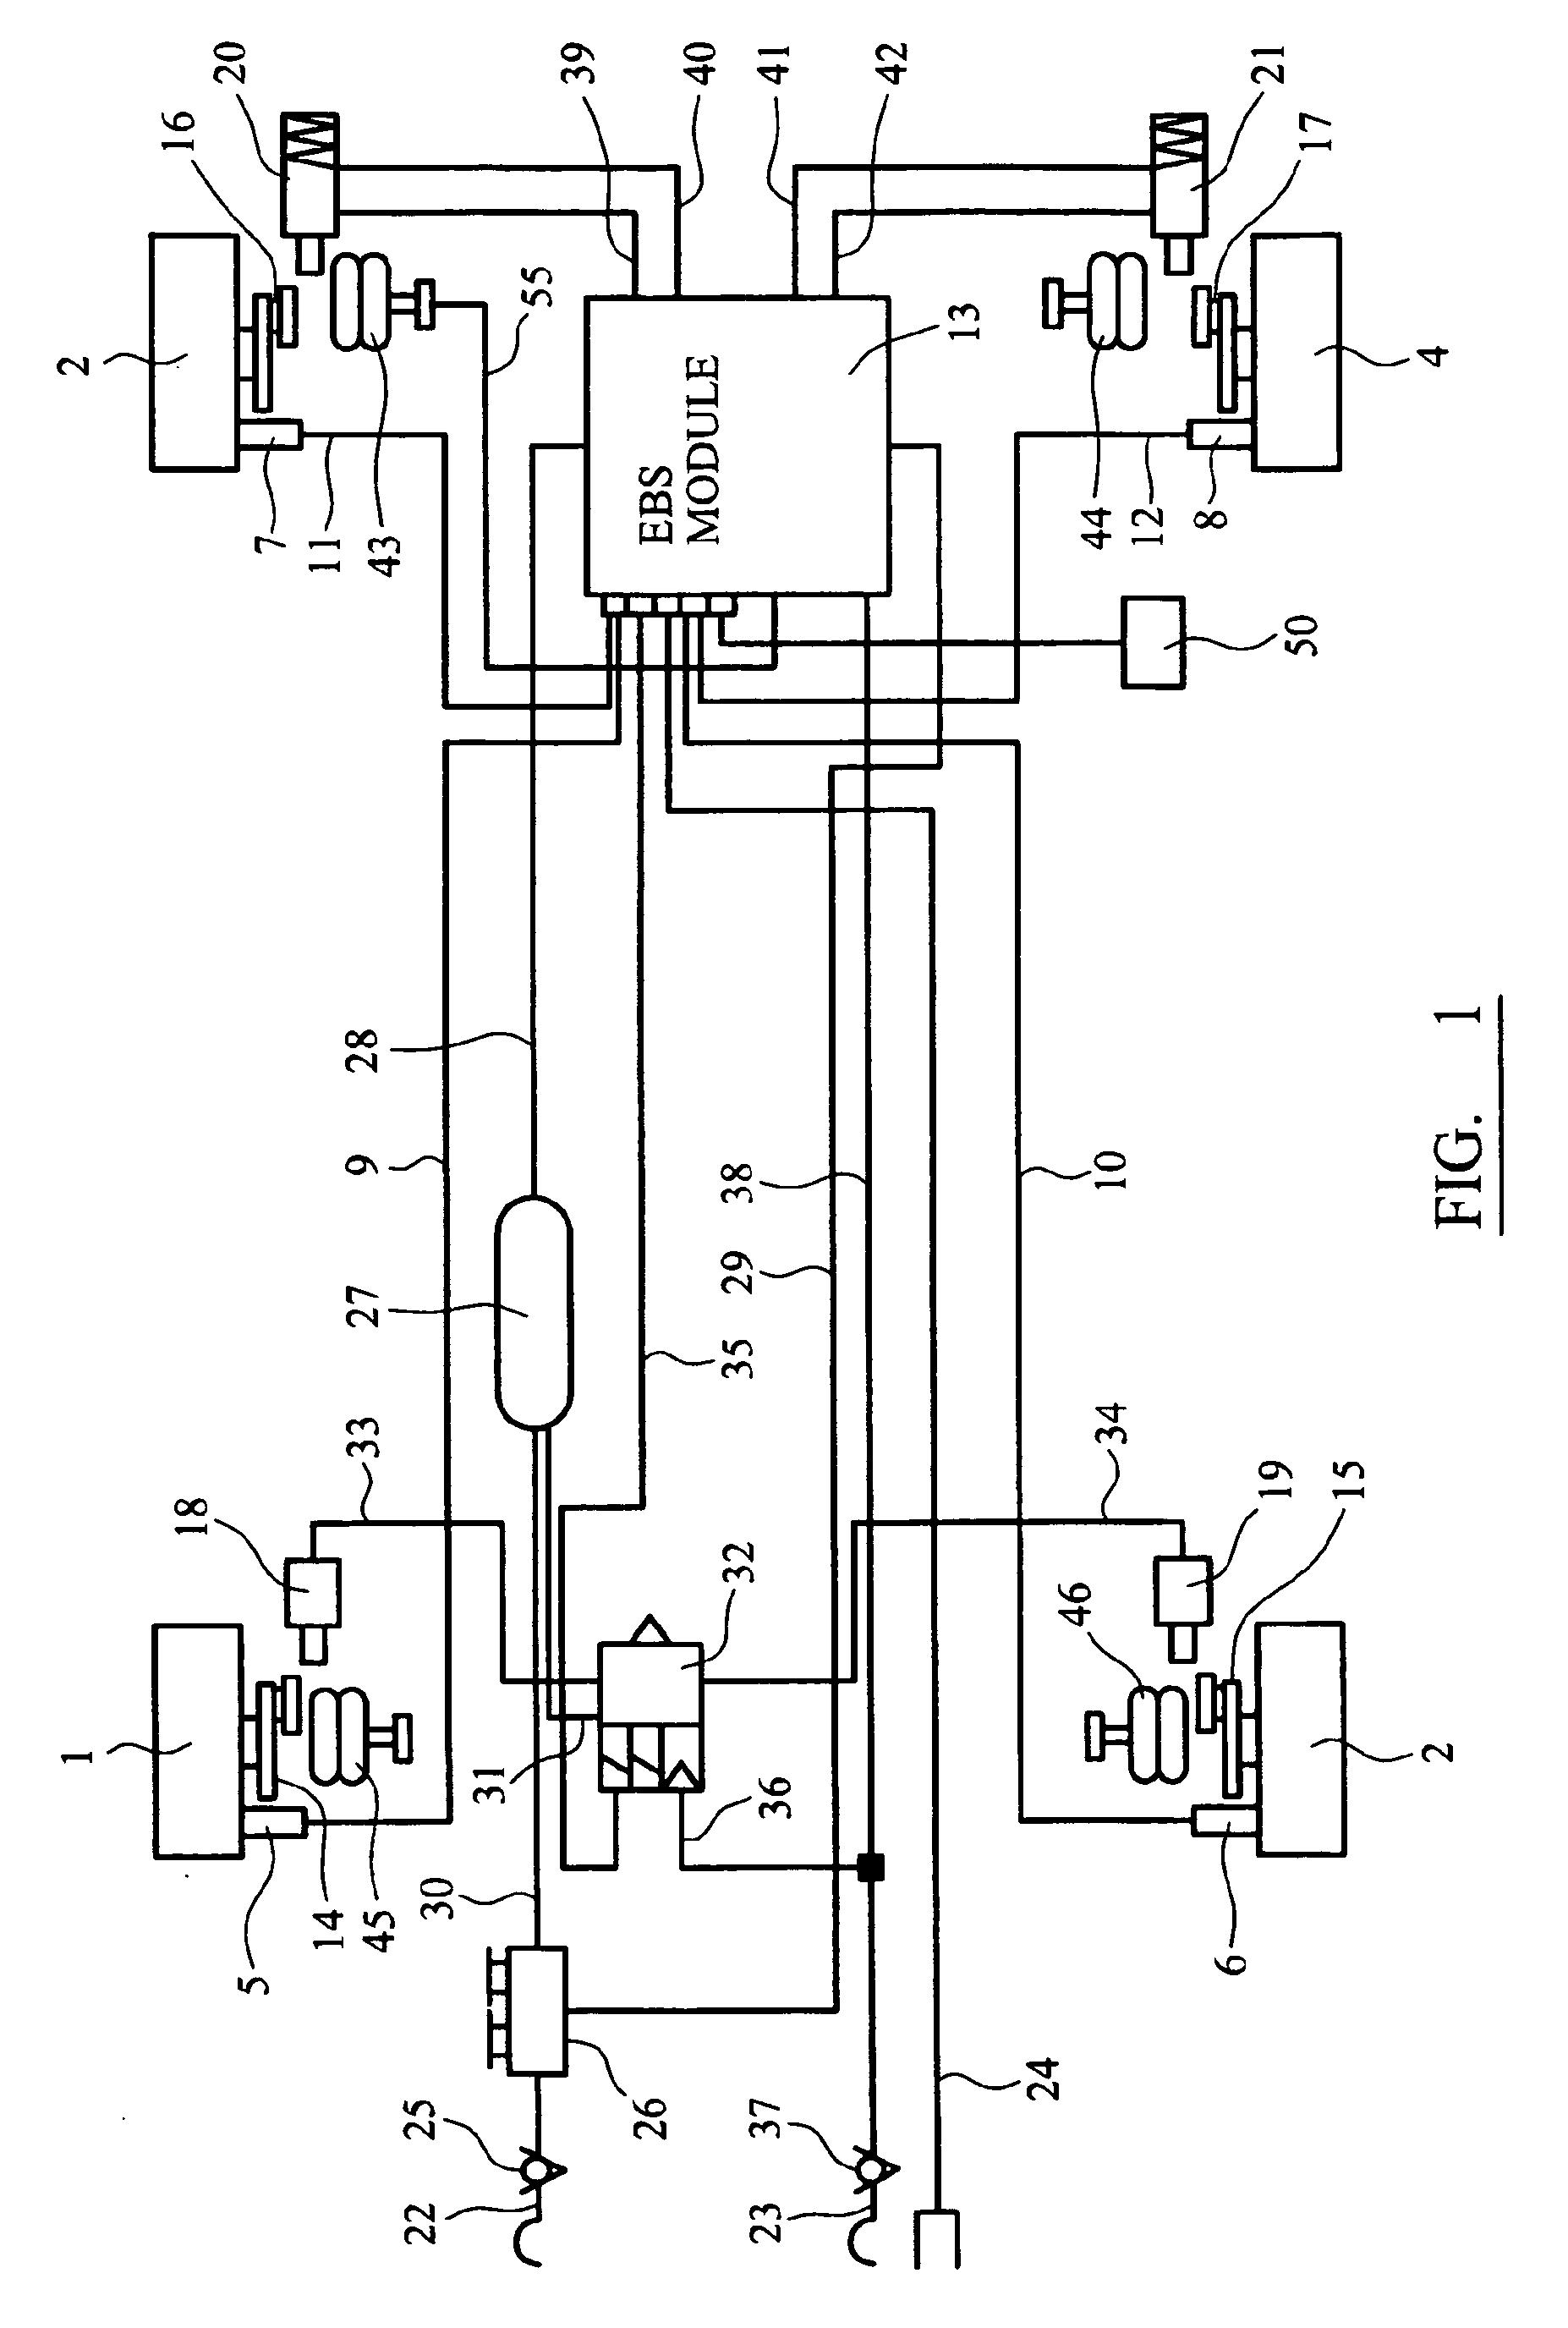 patent ep2129561b1 syst me de freinage lectronique de remorque google patents. Black Bedroom Furniture Sets. Home Design Ideas